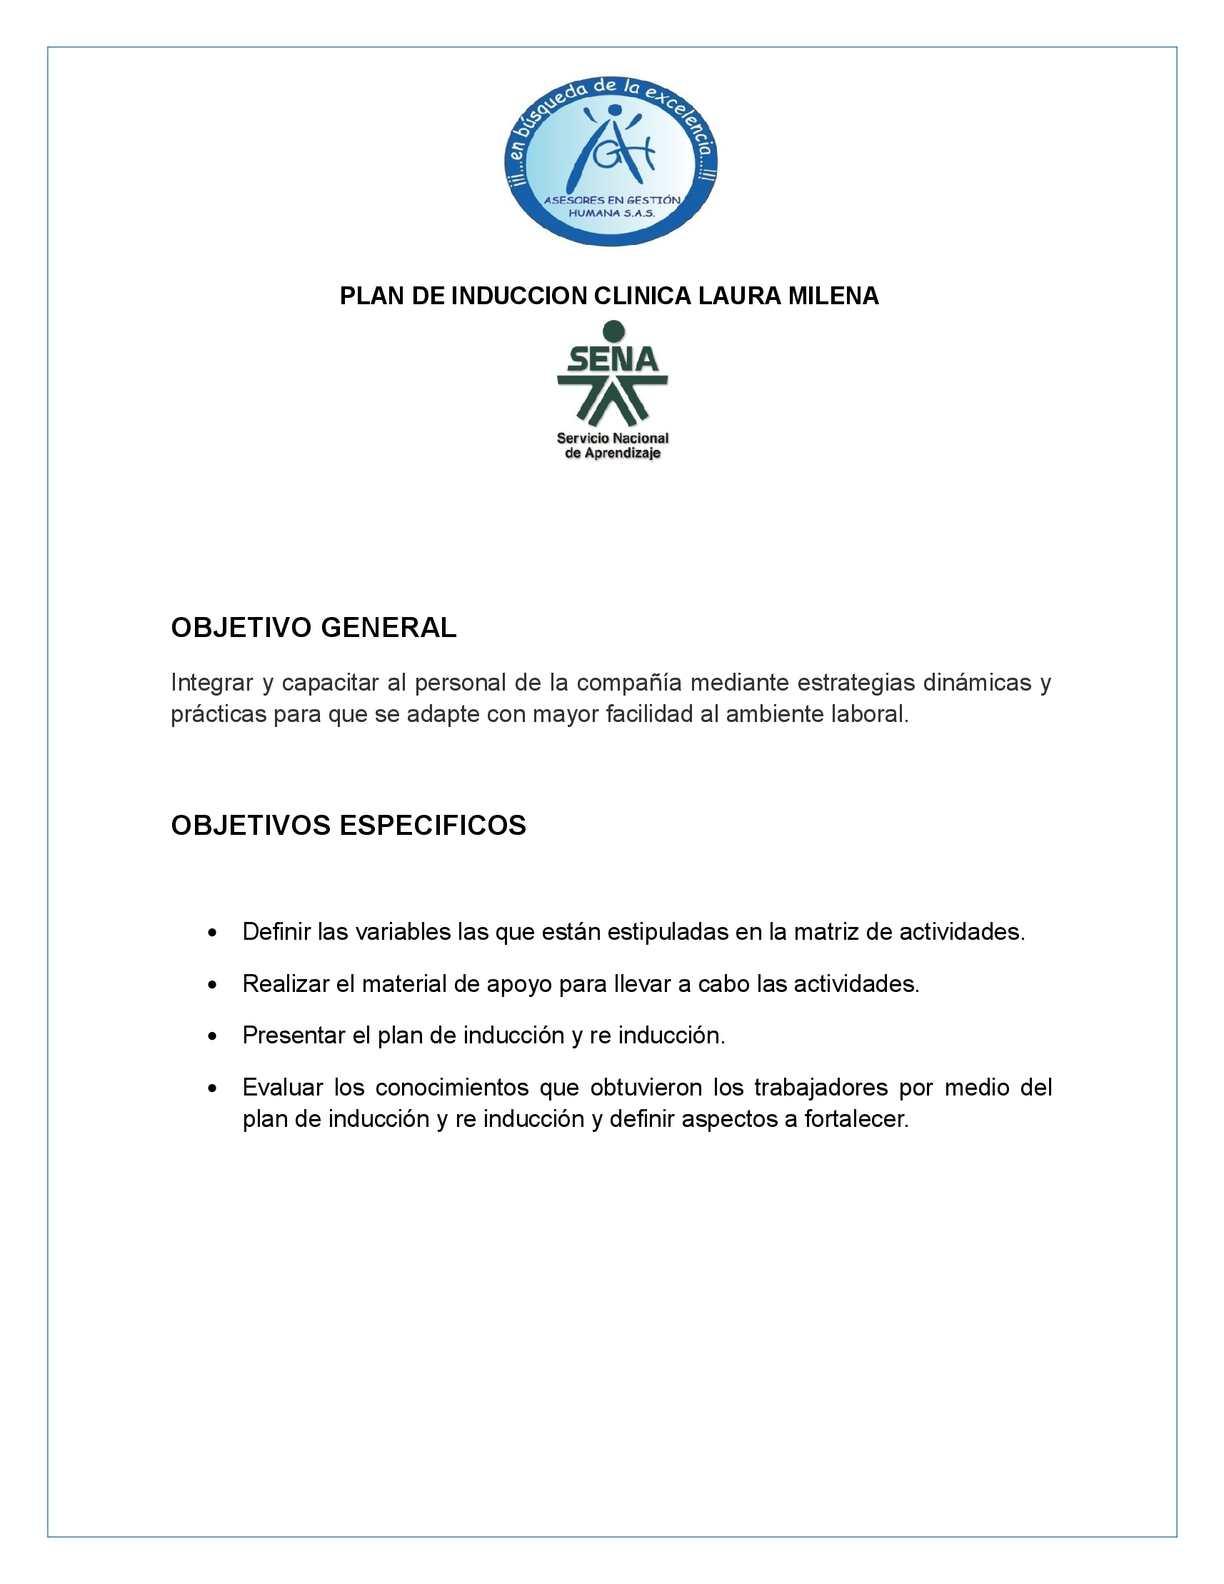 Calaméo - PLAN DE INDUCCION